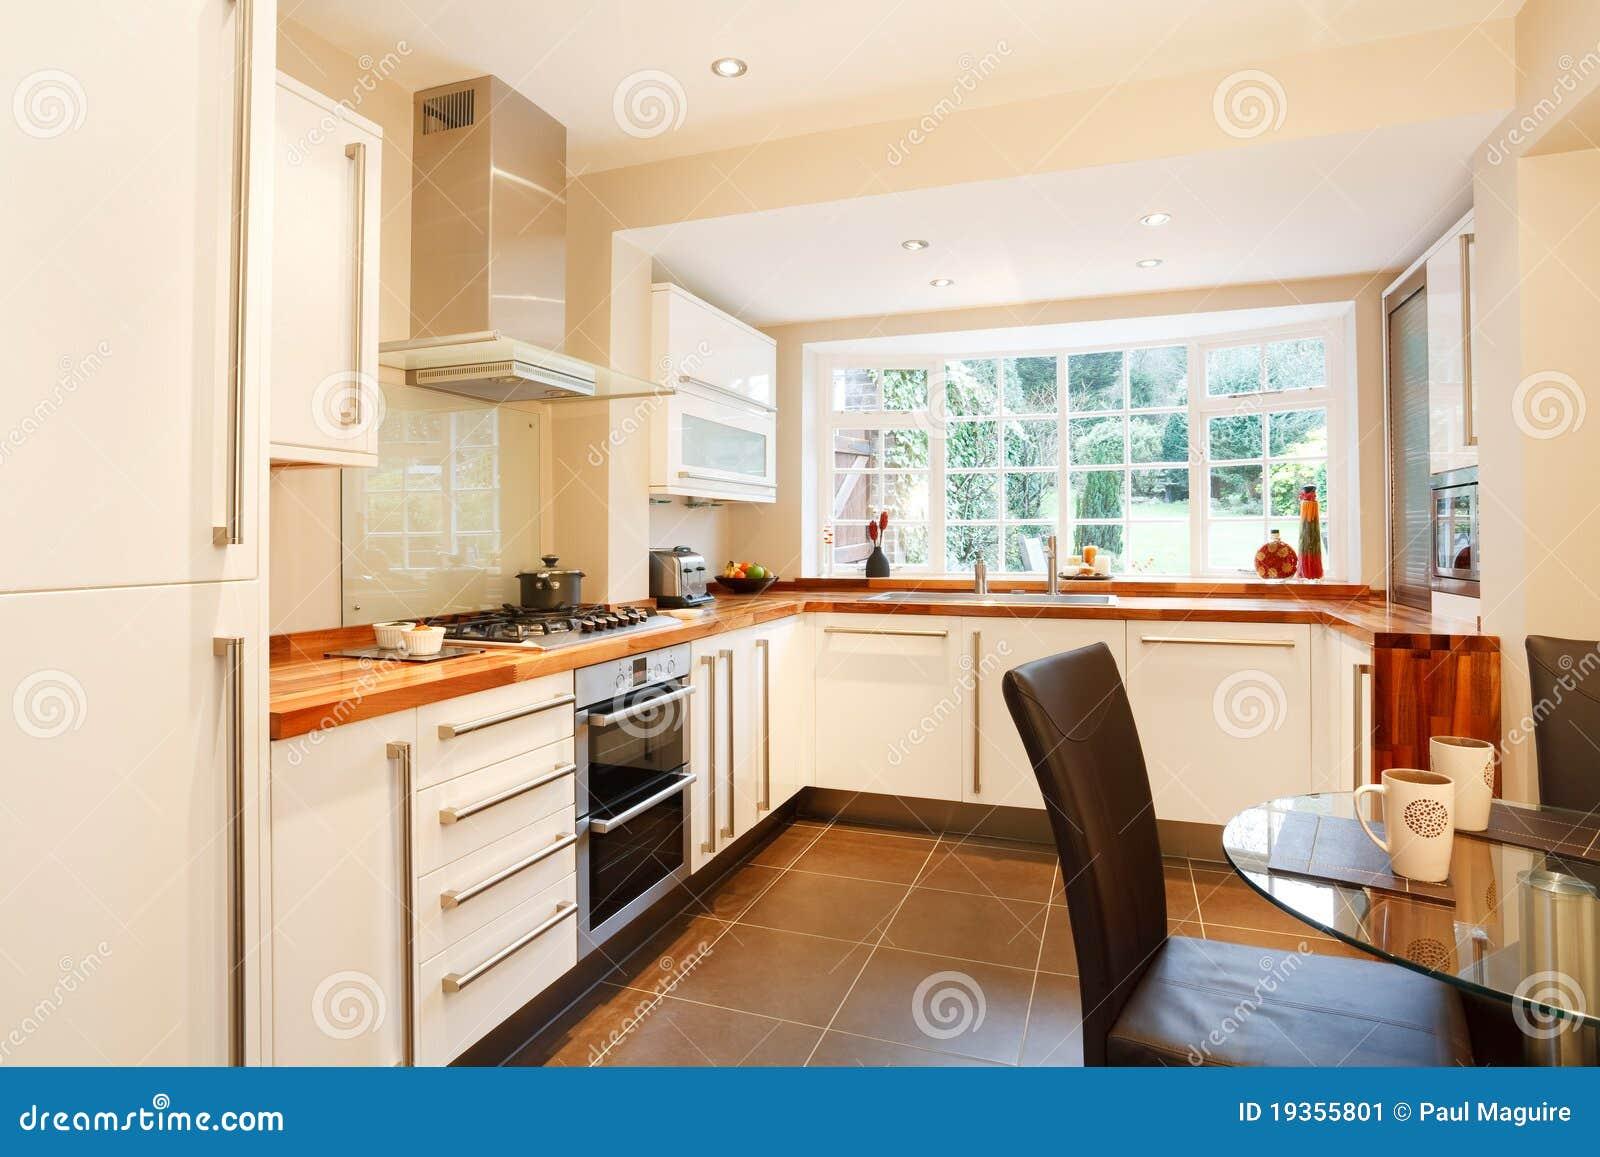 Cucina contemporanea immagine stock immagine di cottura for Cucina contemporanea prezzi